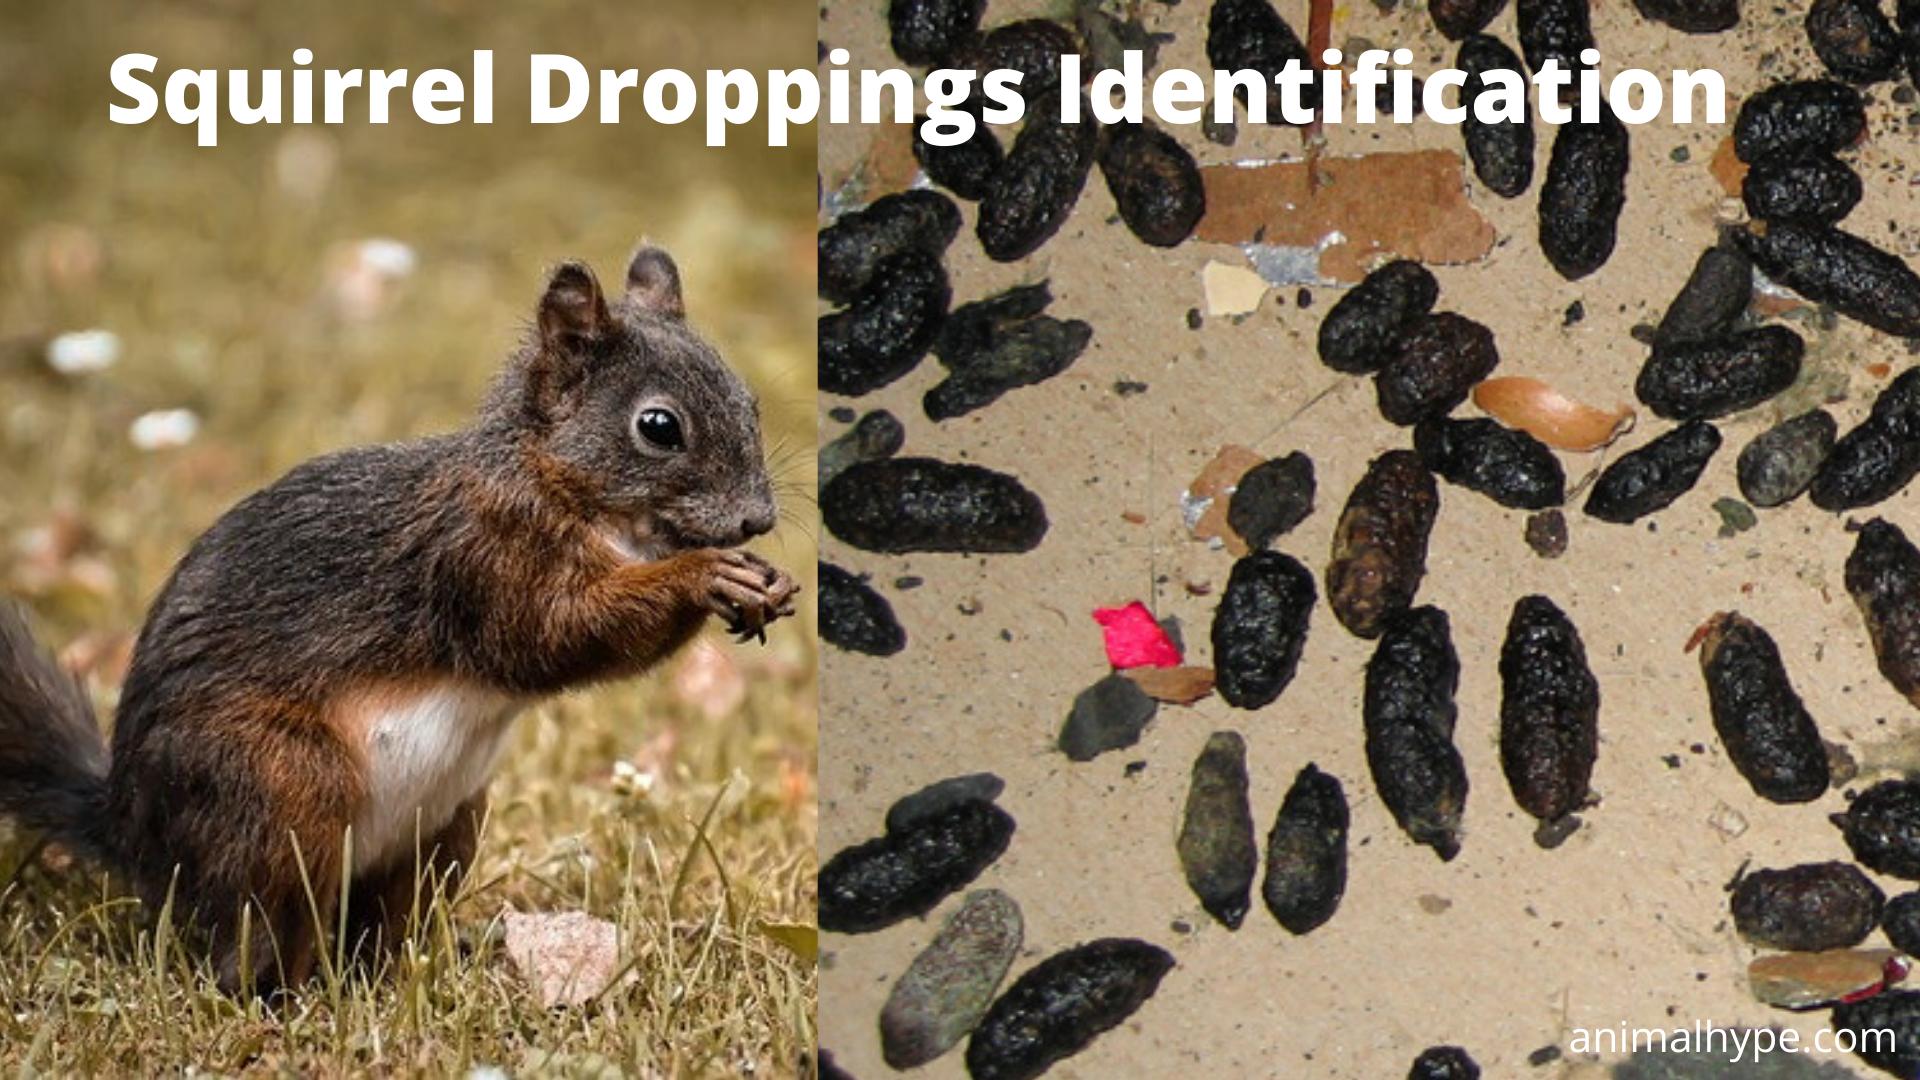 What does squirrel poop look like?